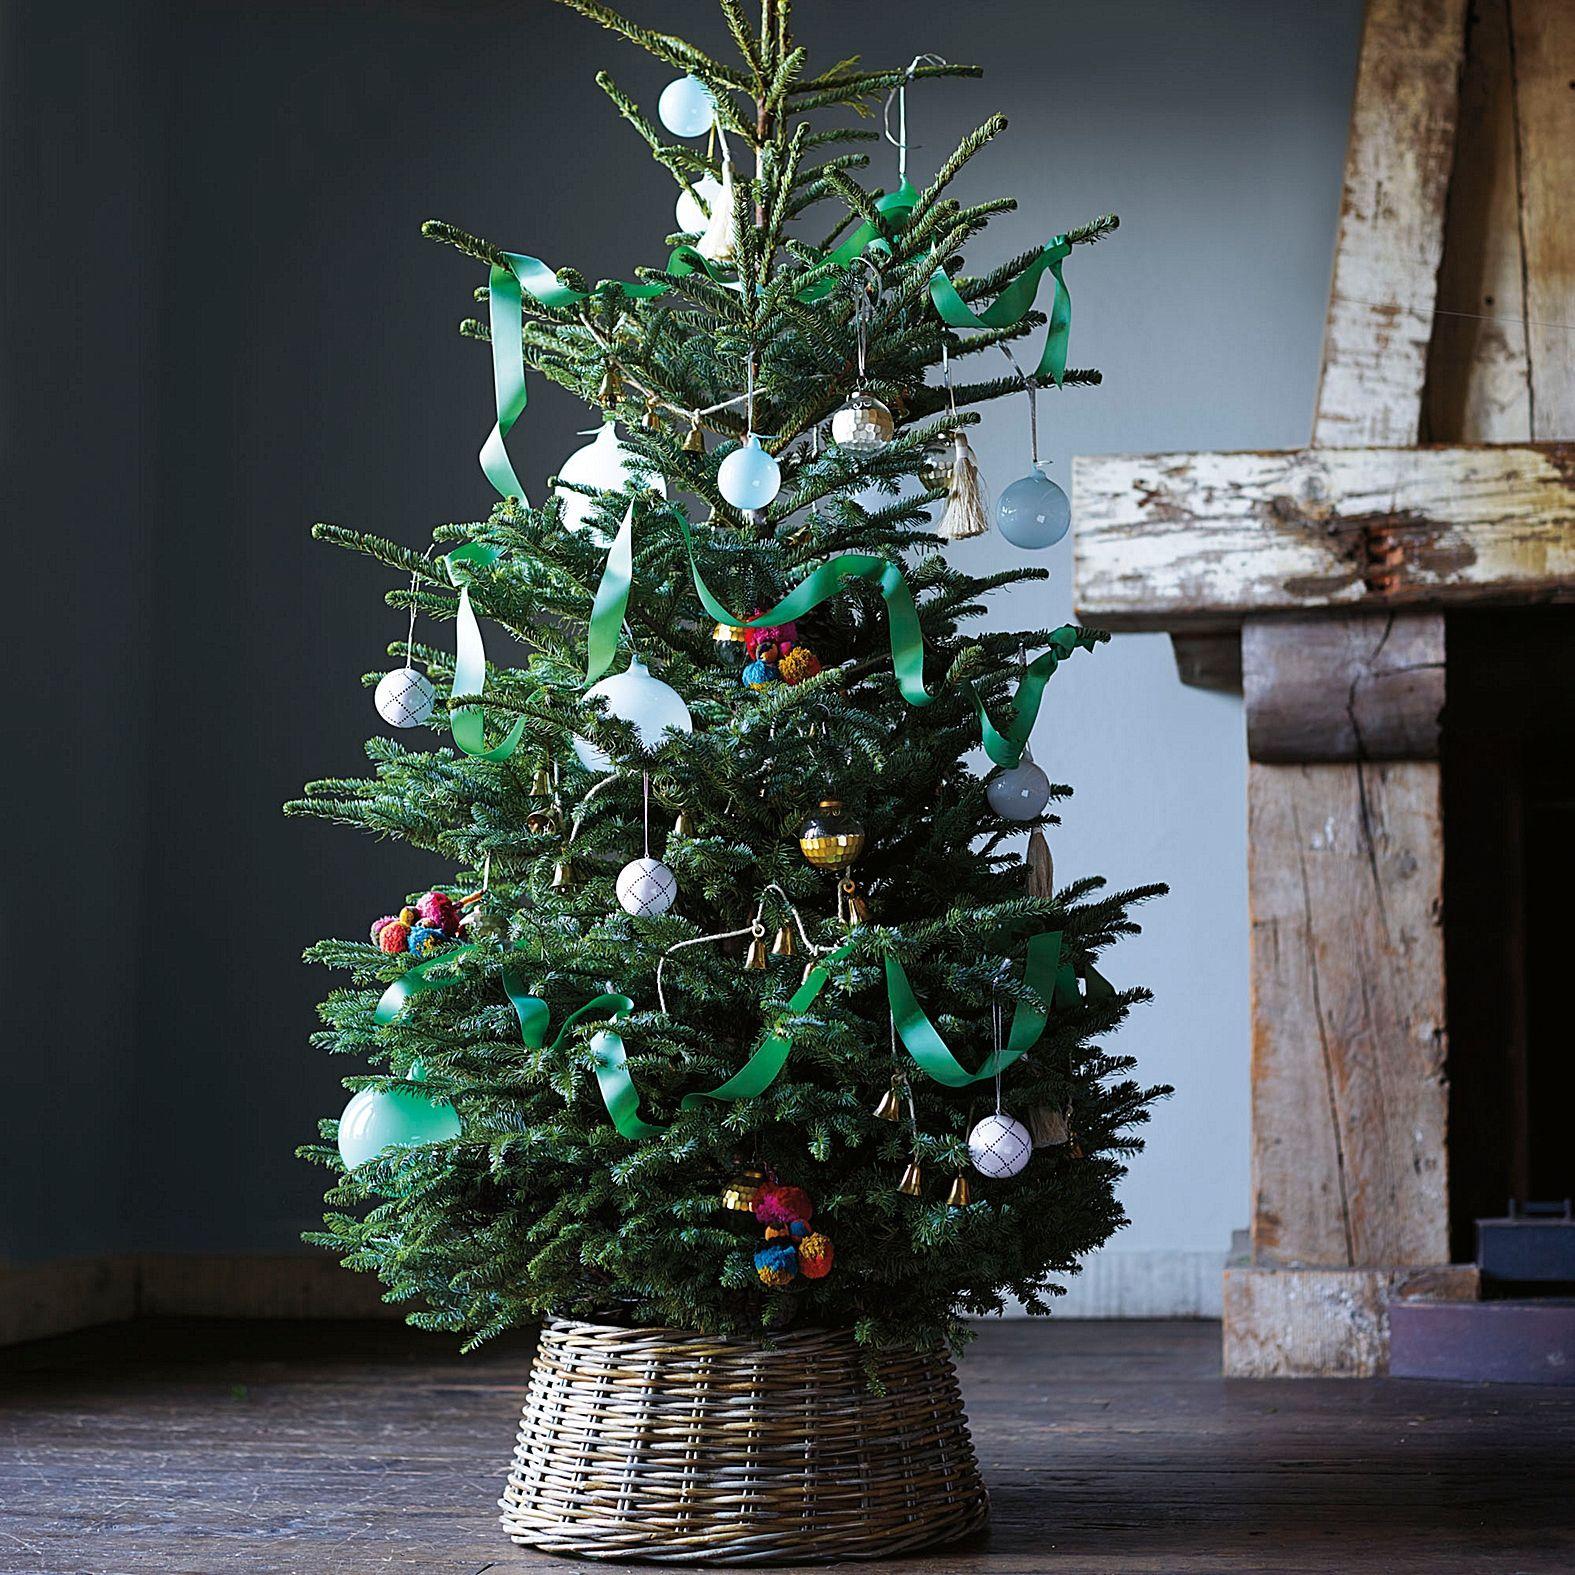 Nordic Tree Basket | Tree skirts, Holidays and Christmas time